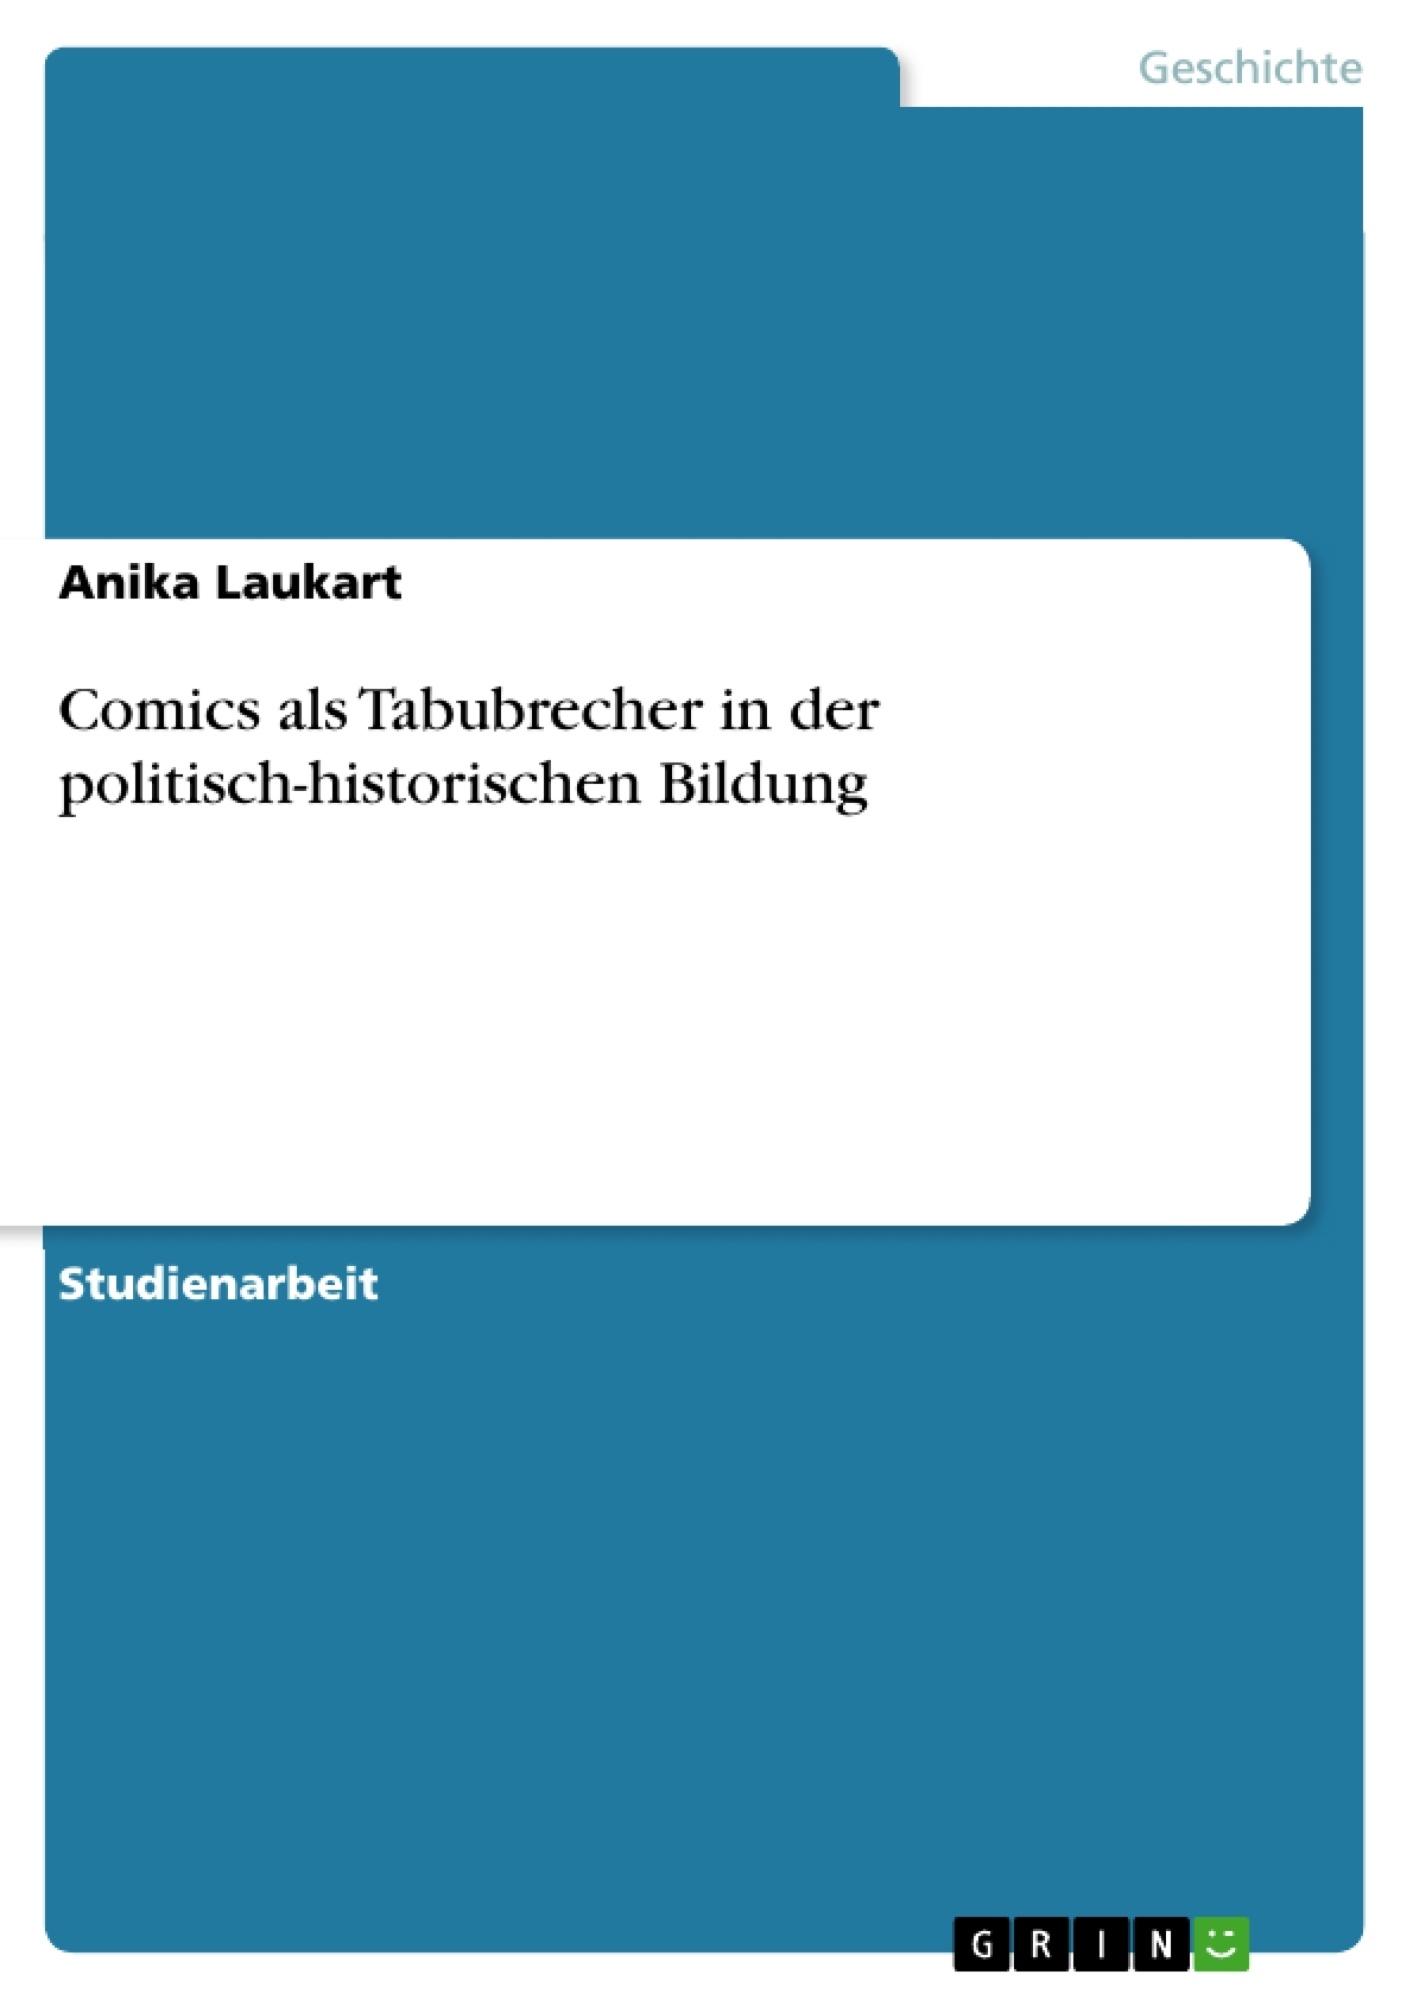 Titel: Comics als Tabubrecher in der politisch-historischen Bildung